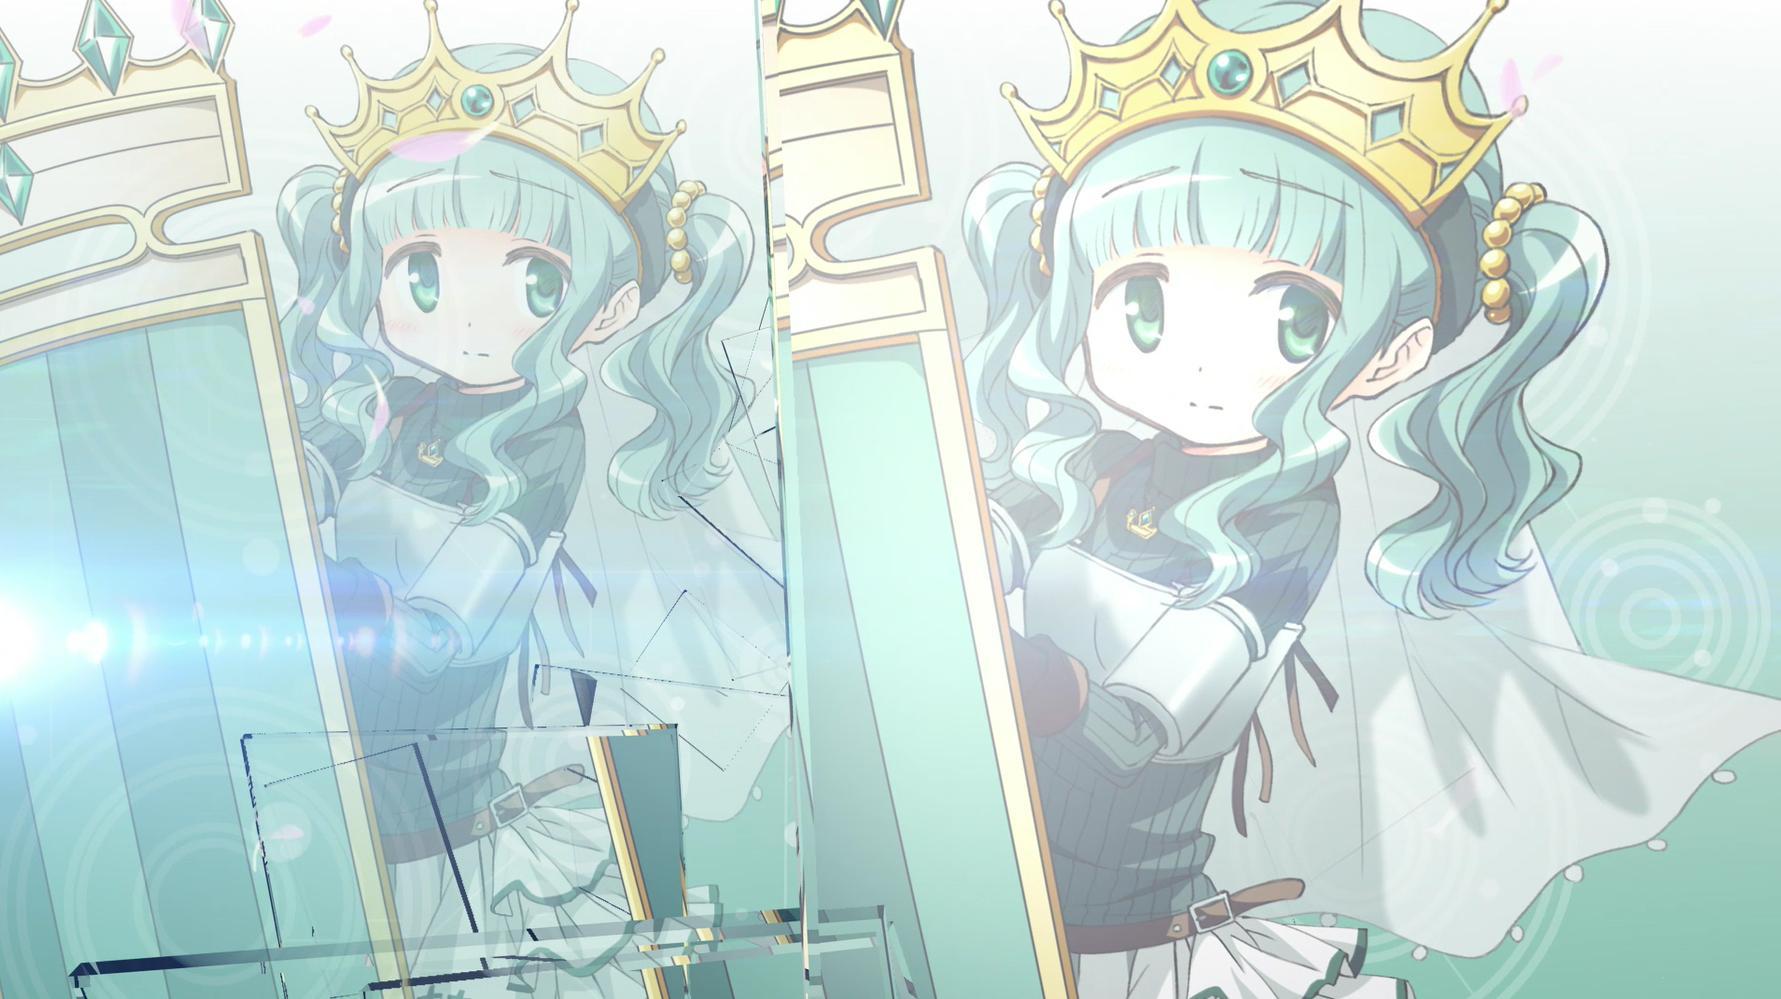 マギアレコード 魔法少女まどか☆マギカ外伝の画像 p1_22